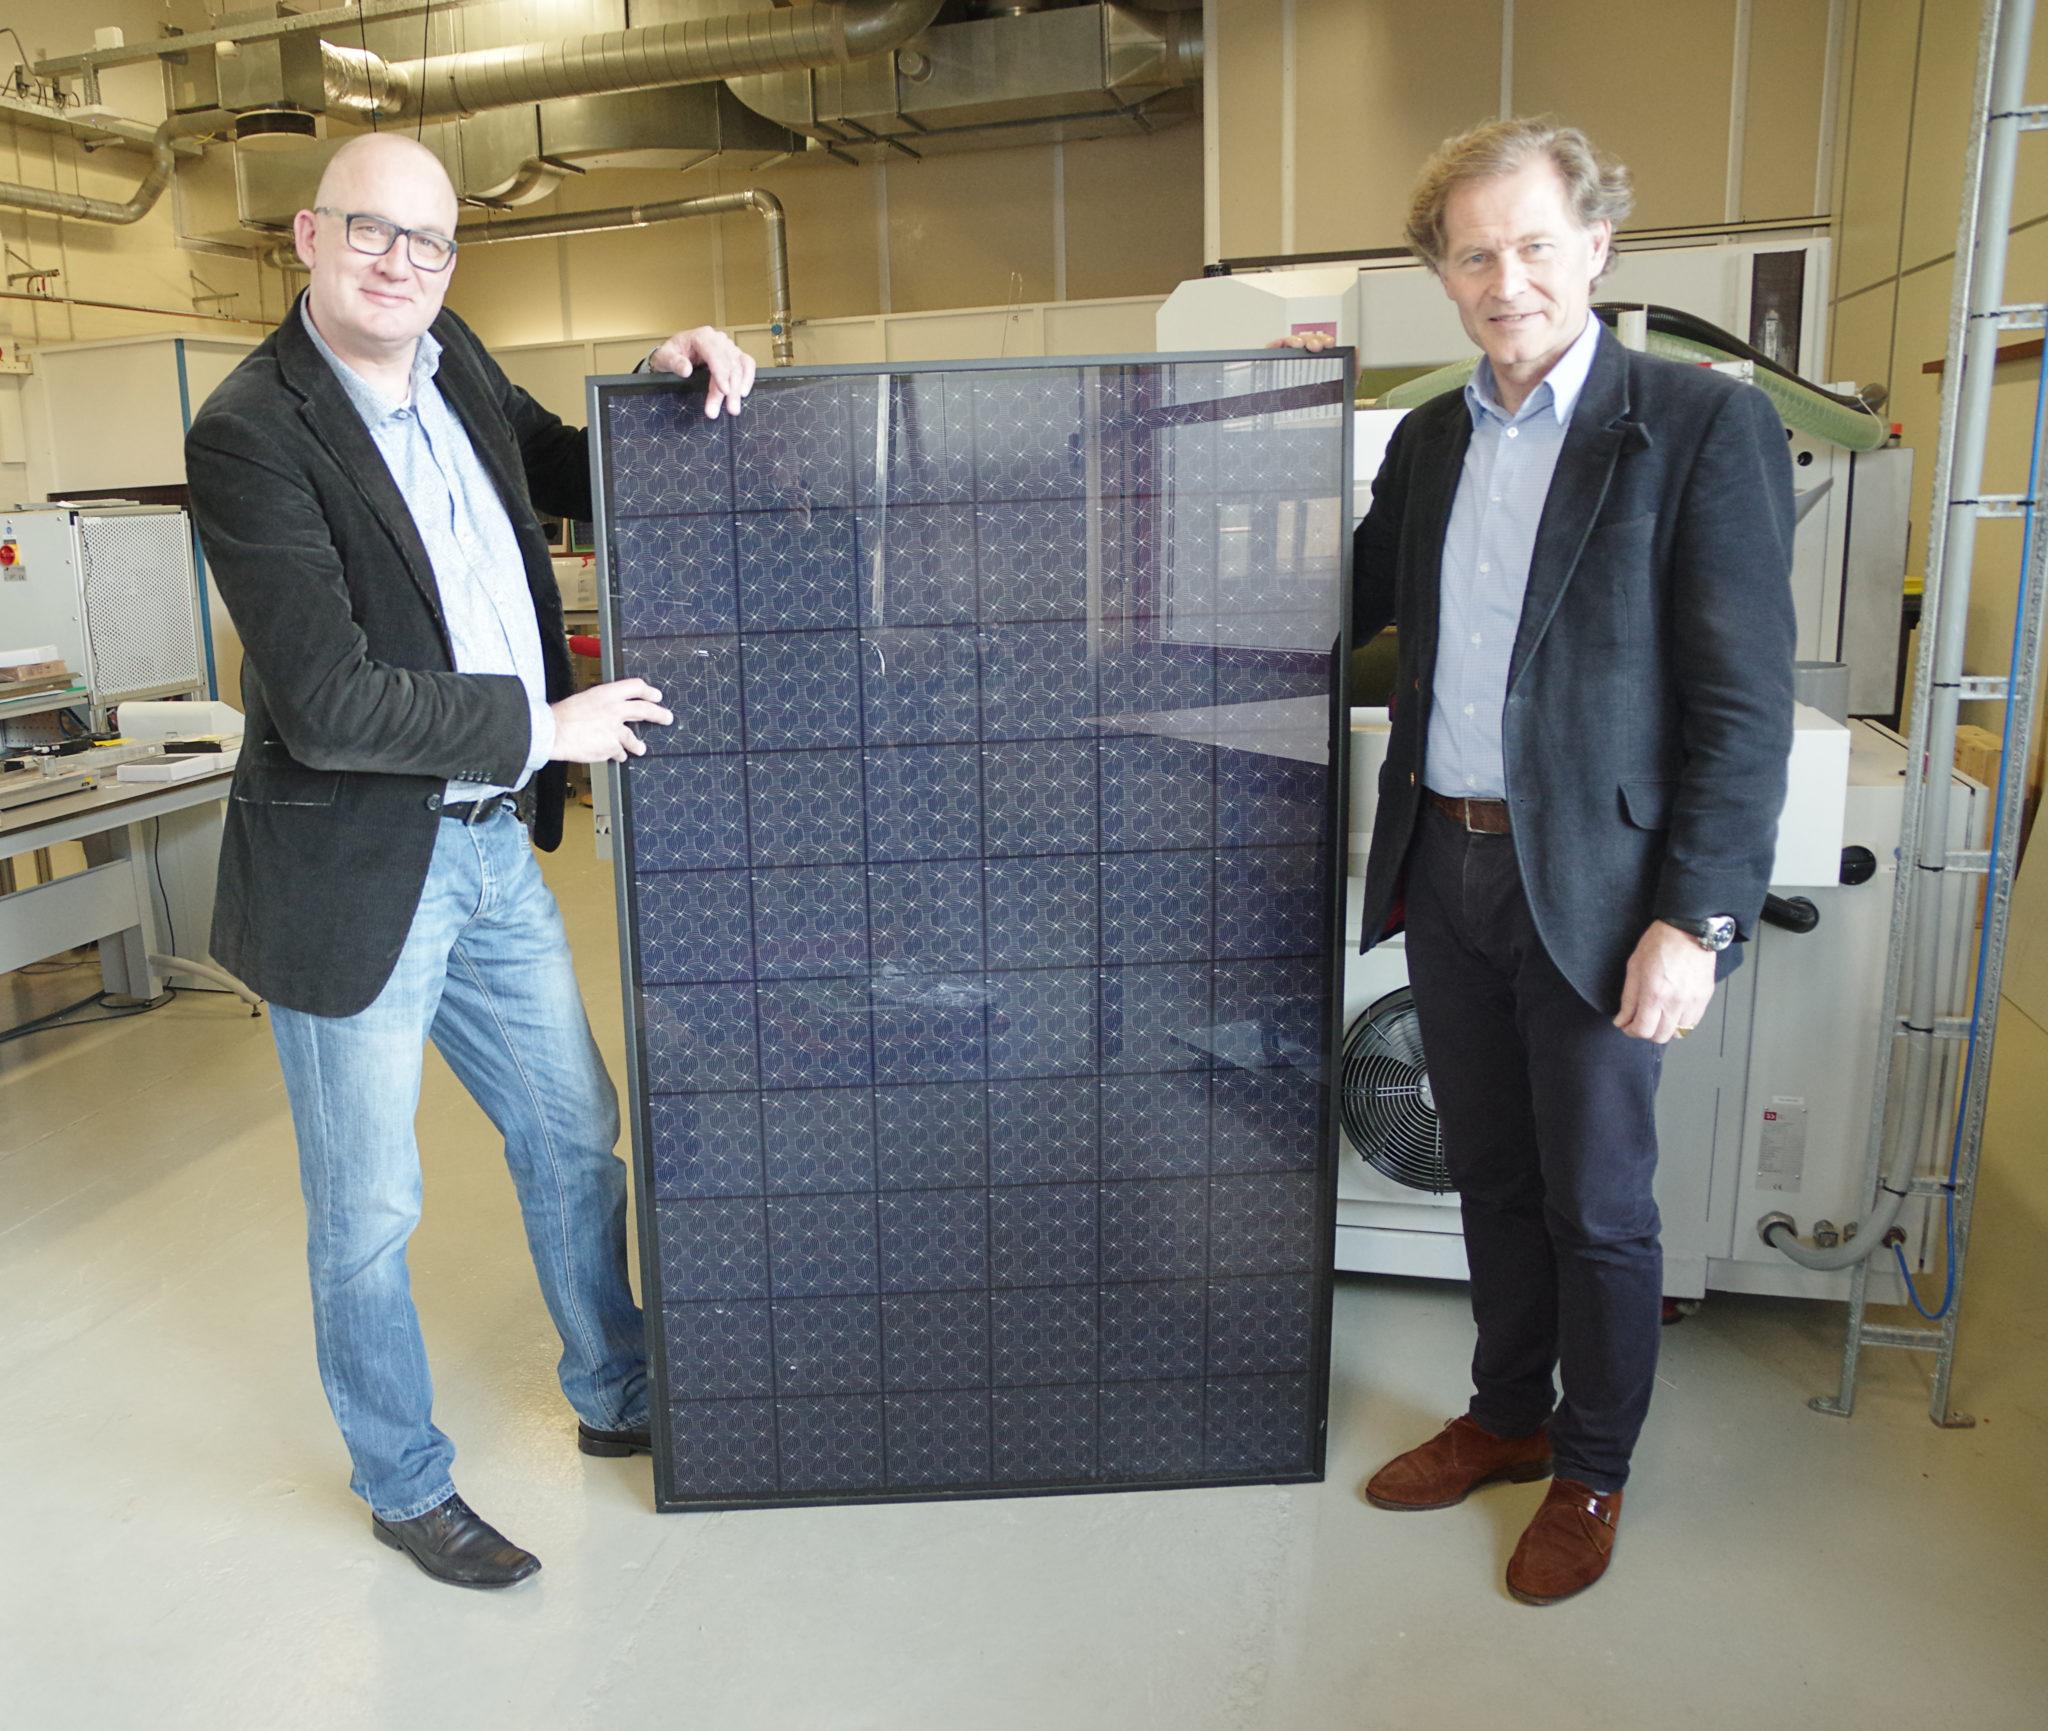 Даниэль Куйк слева и и финансовый директор Берт Шувс справа с продукцией завода